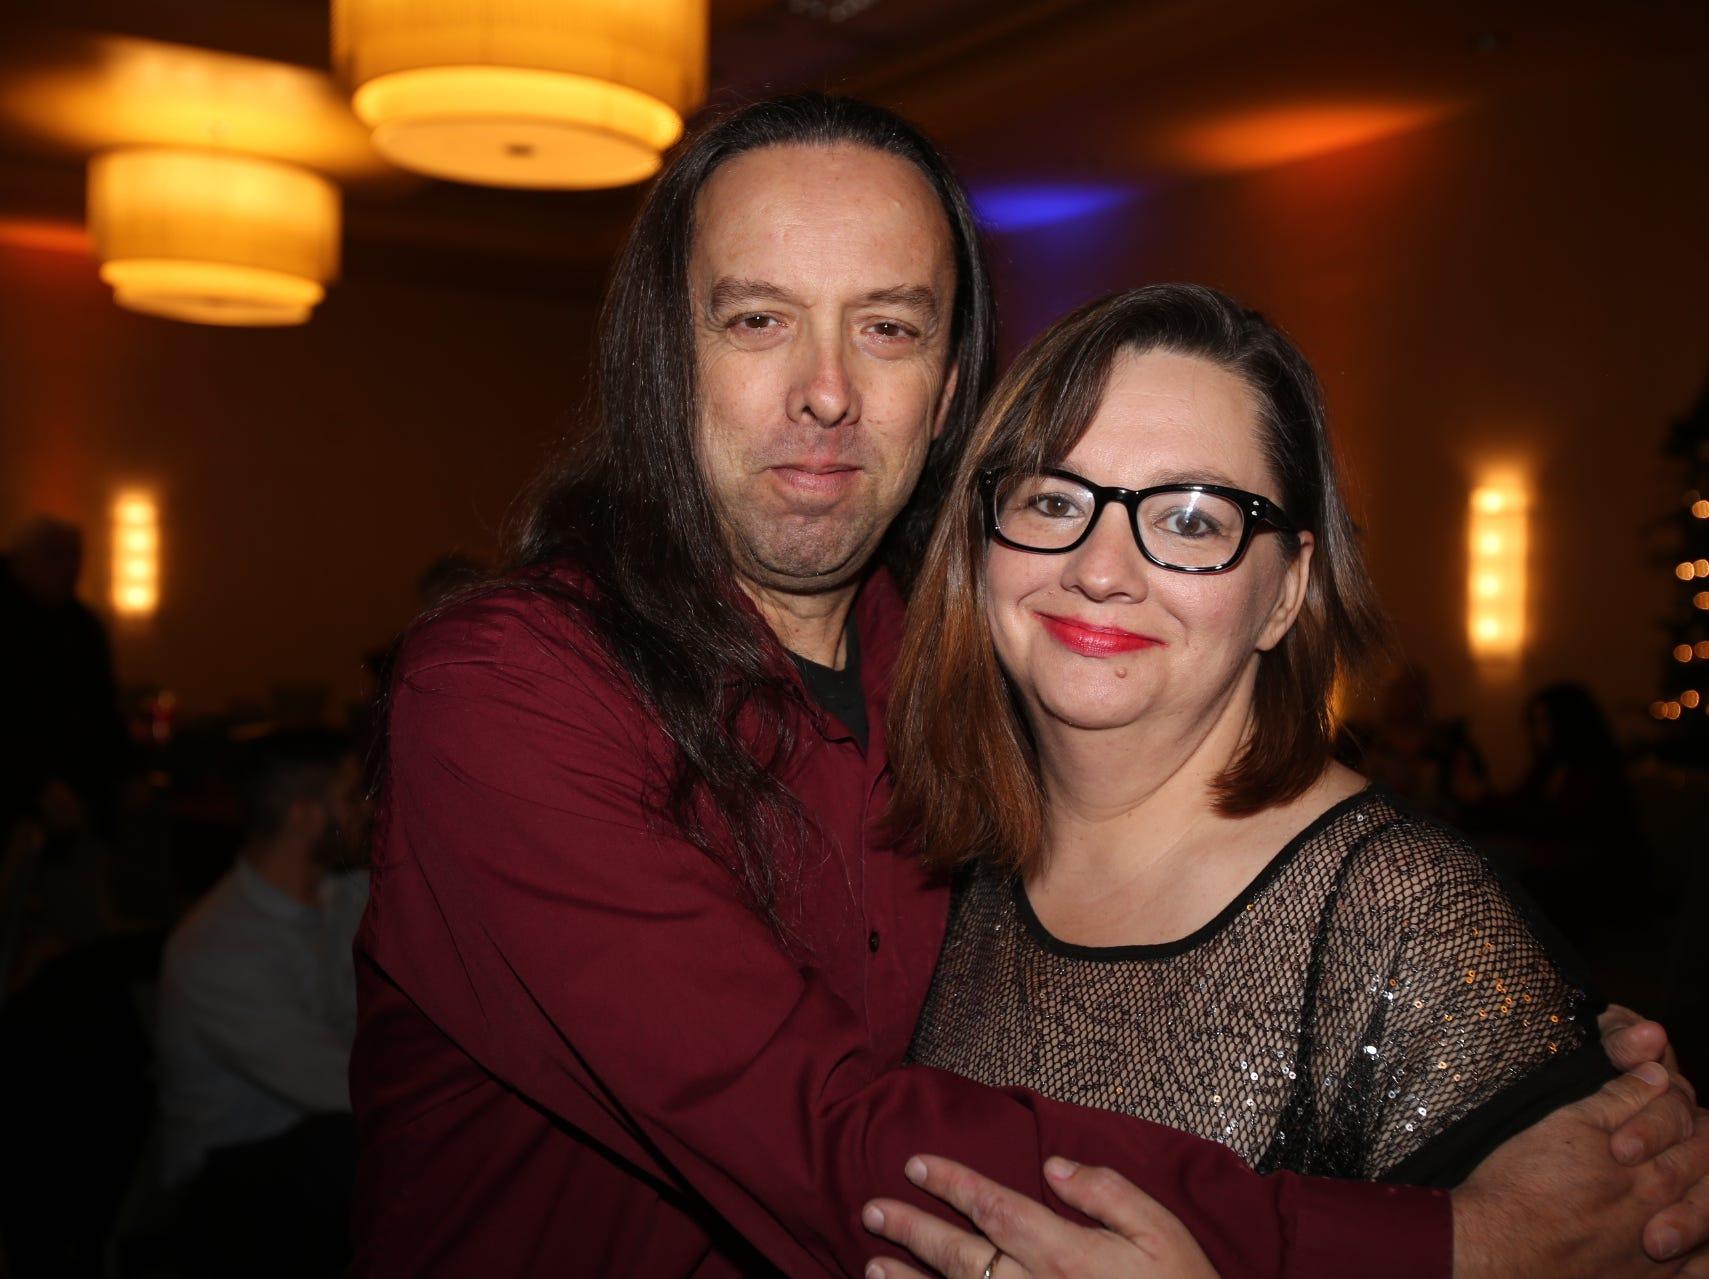 John and Jodi Nicols